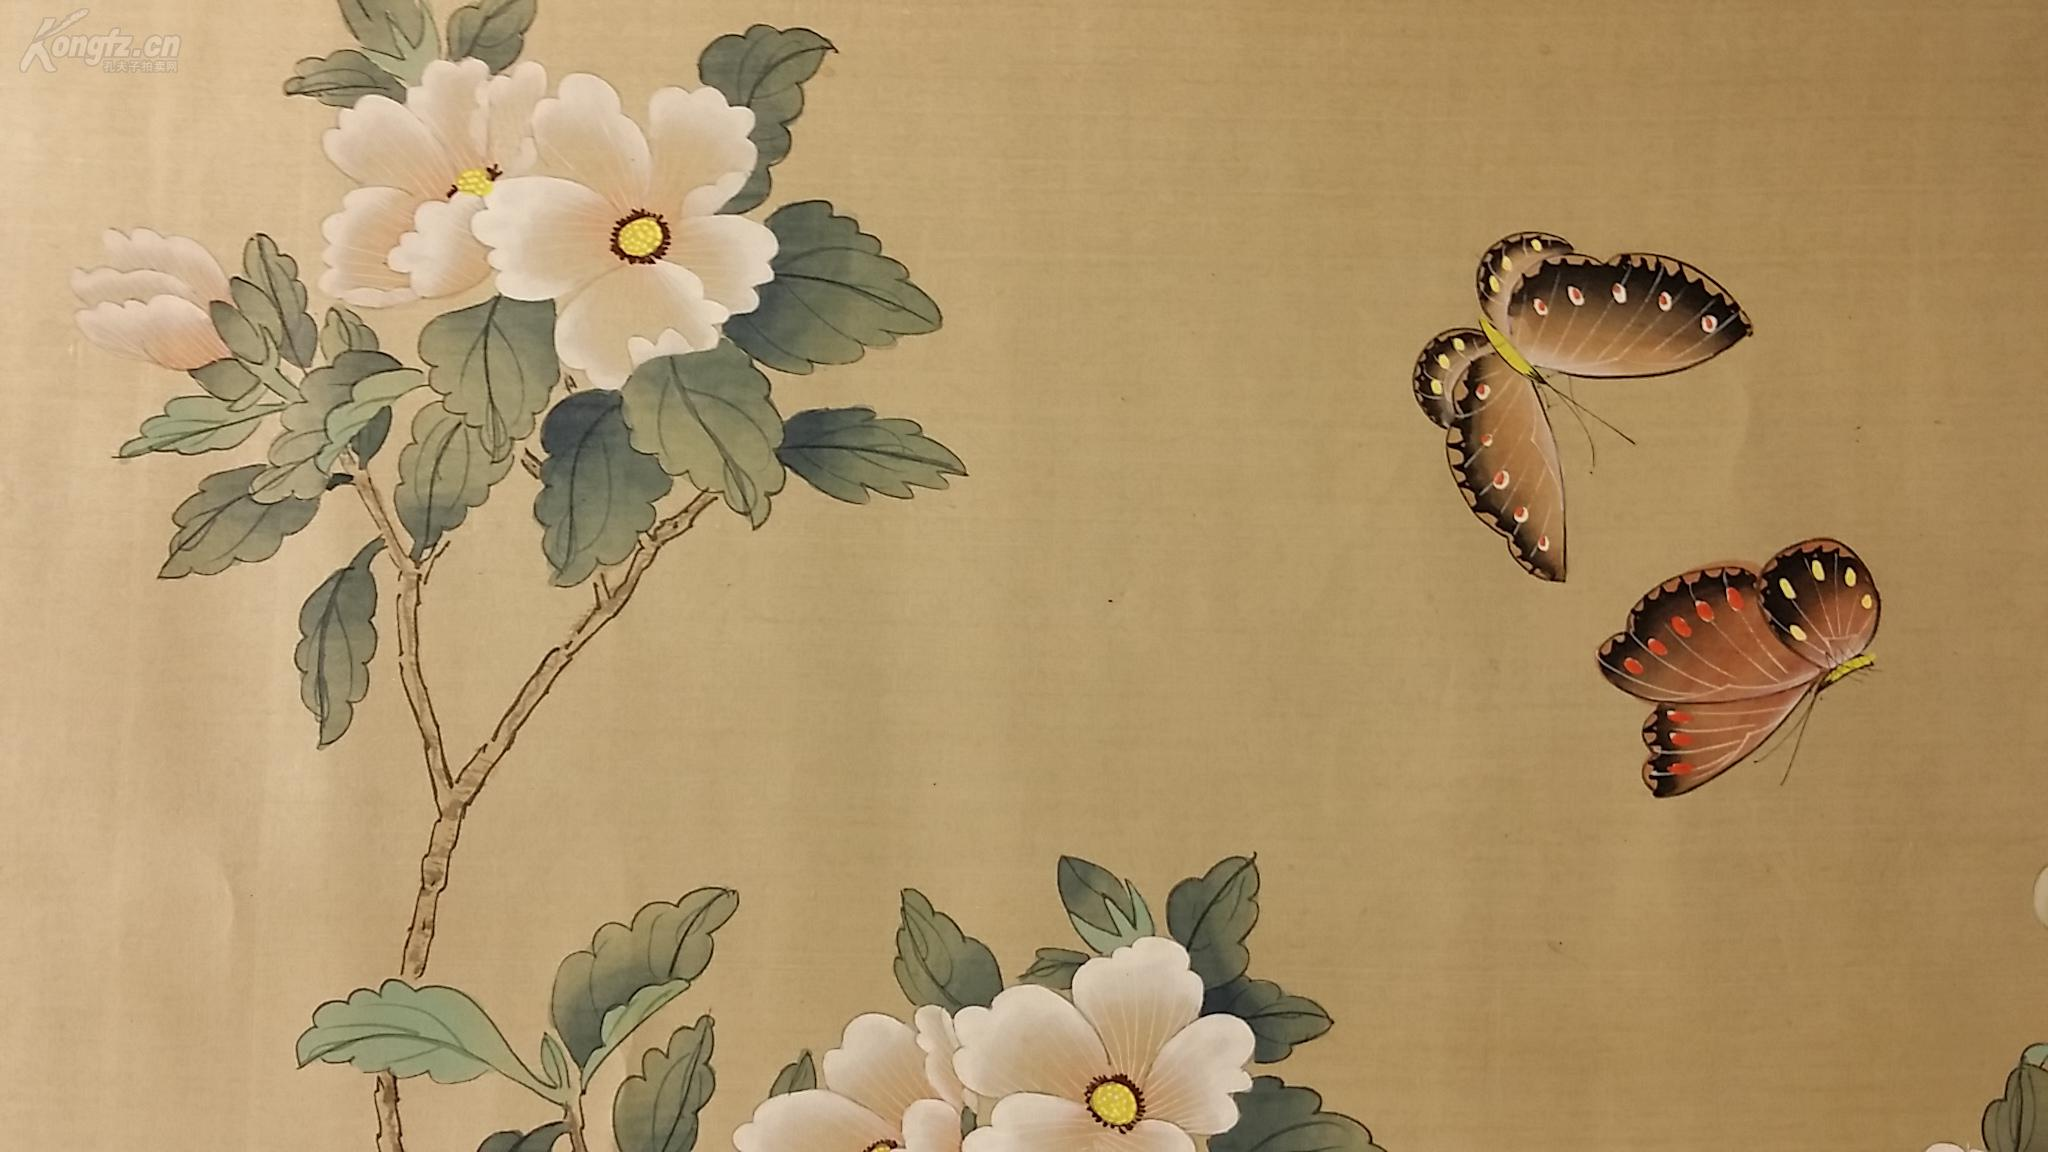 22117 (转店铺) 回流的绢本名家(吴竹云款)手绘工笔蝴蝶花卉 拍品编号